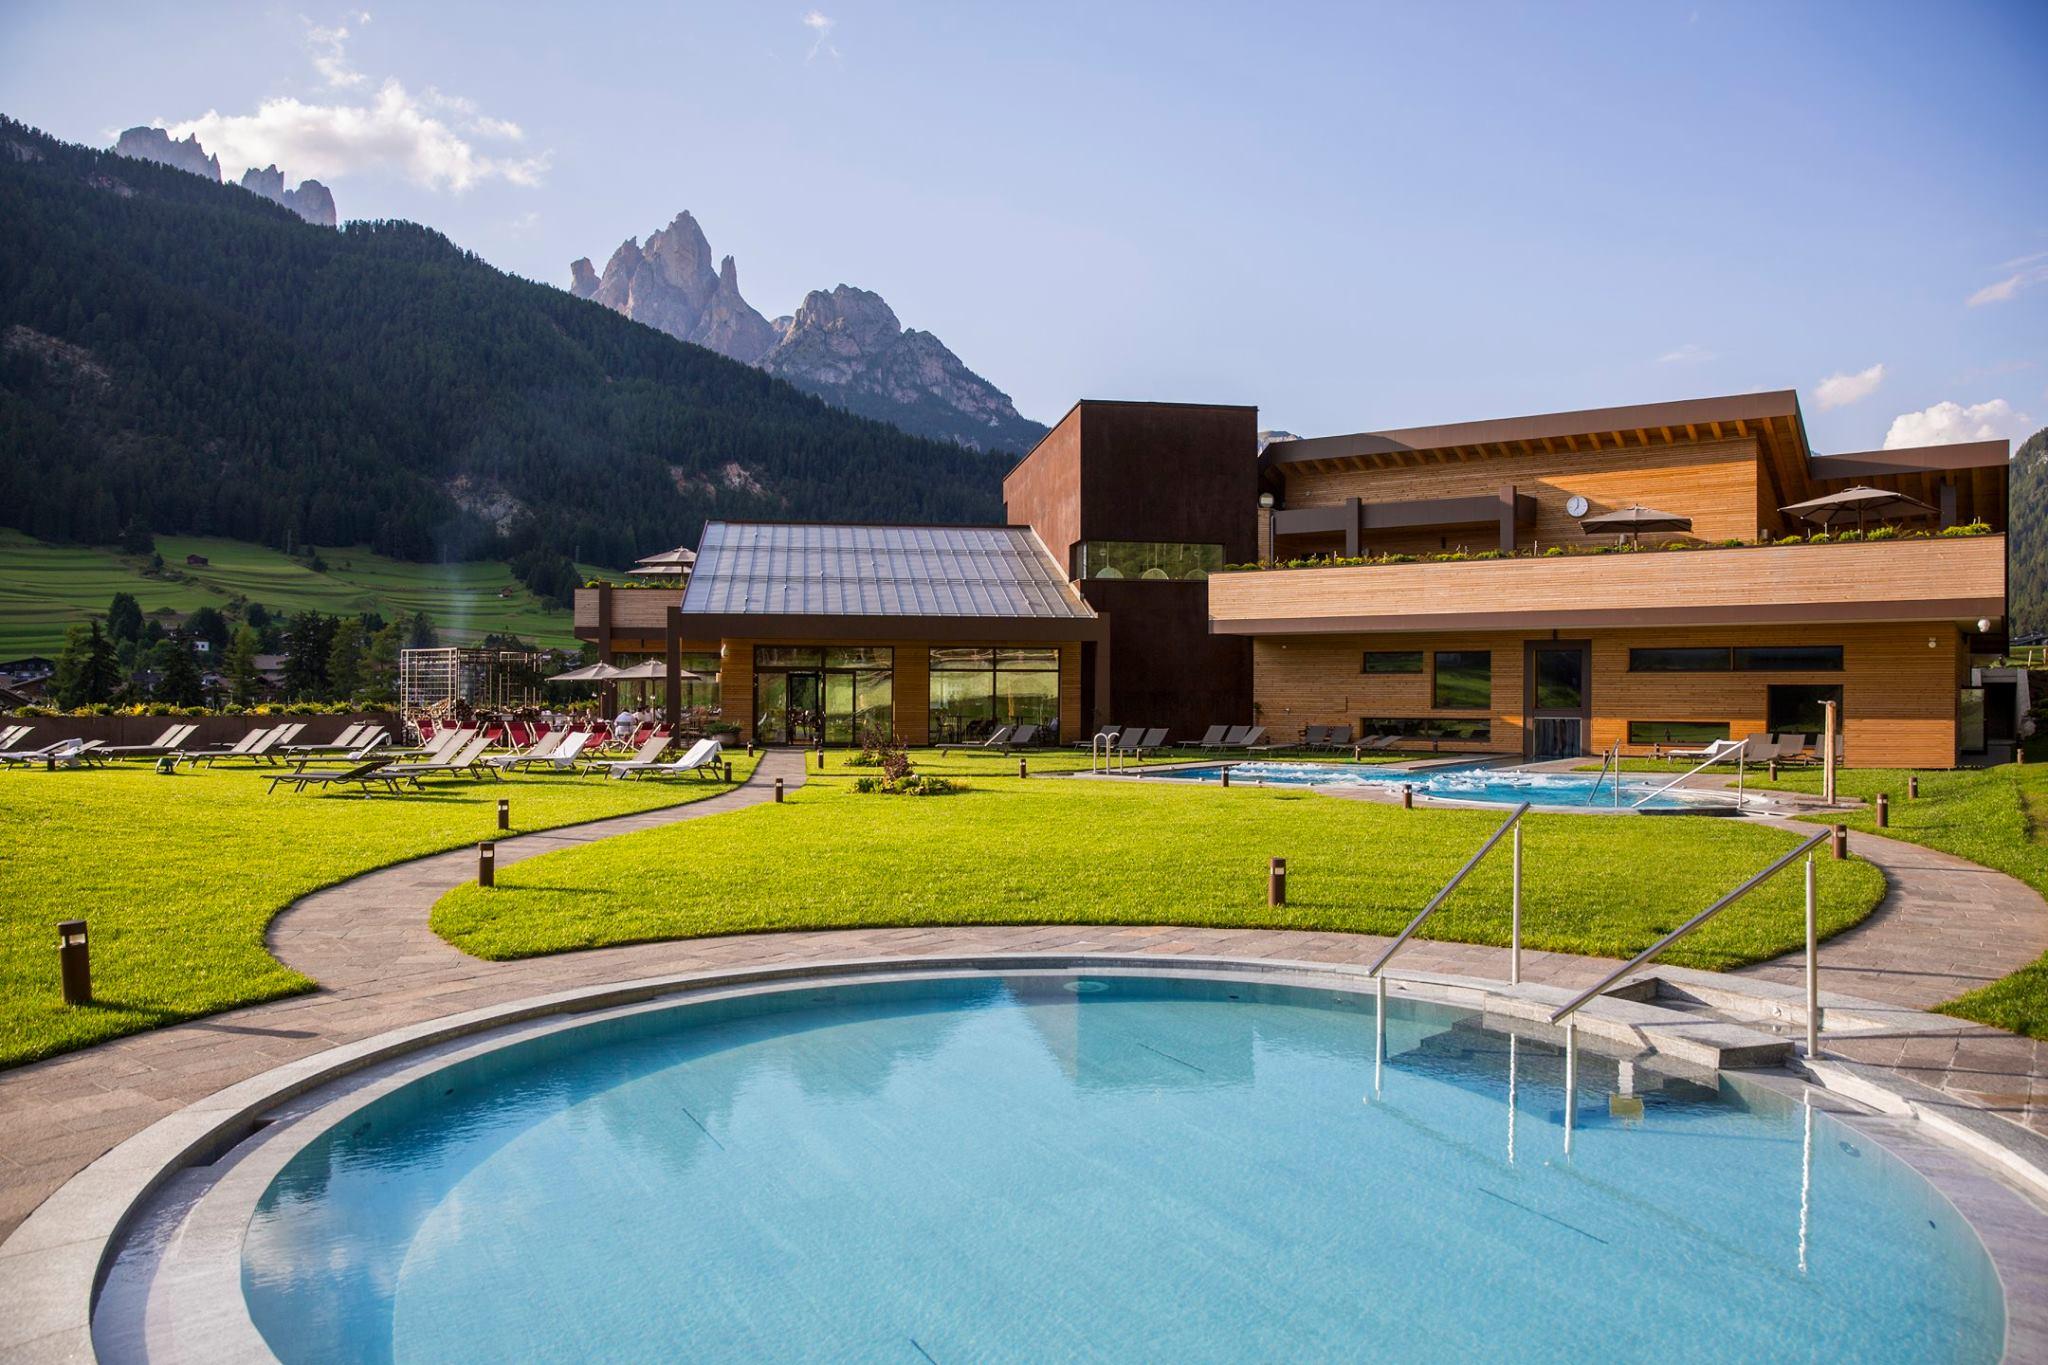 Hotel Villa Mozart - Pozza di Fassa - Dolomiti > News ...